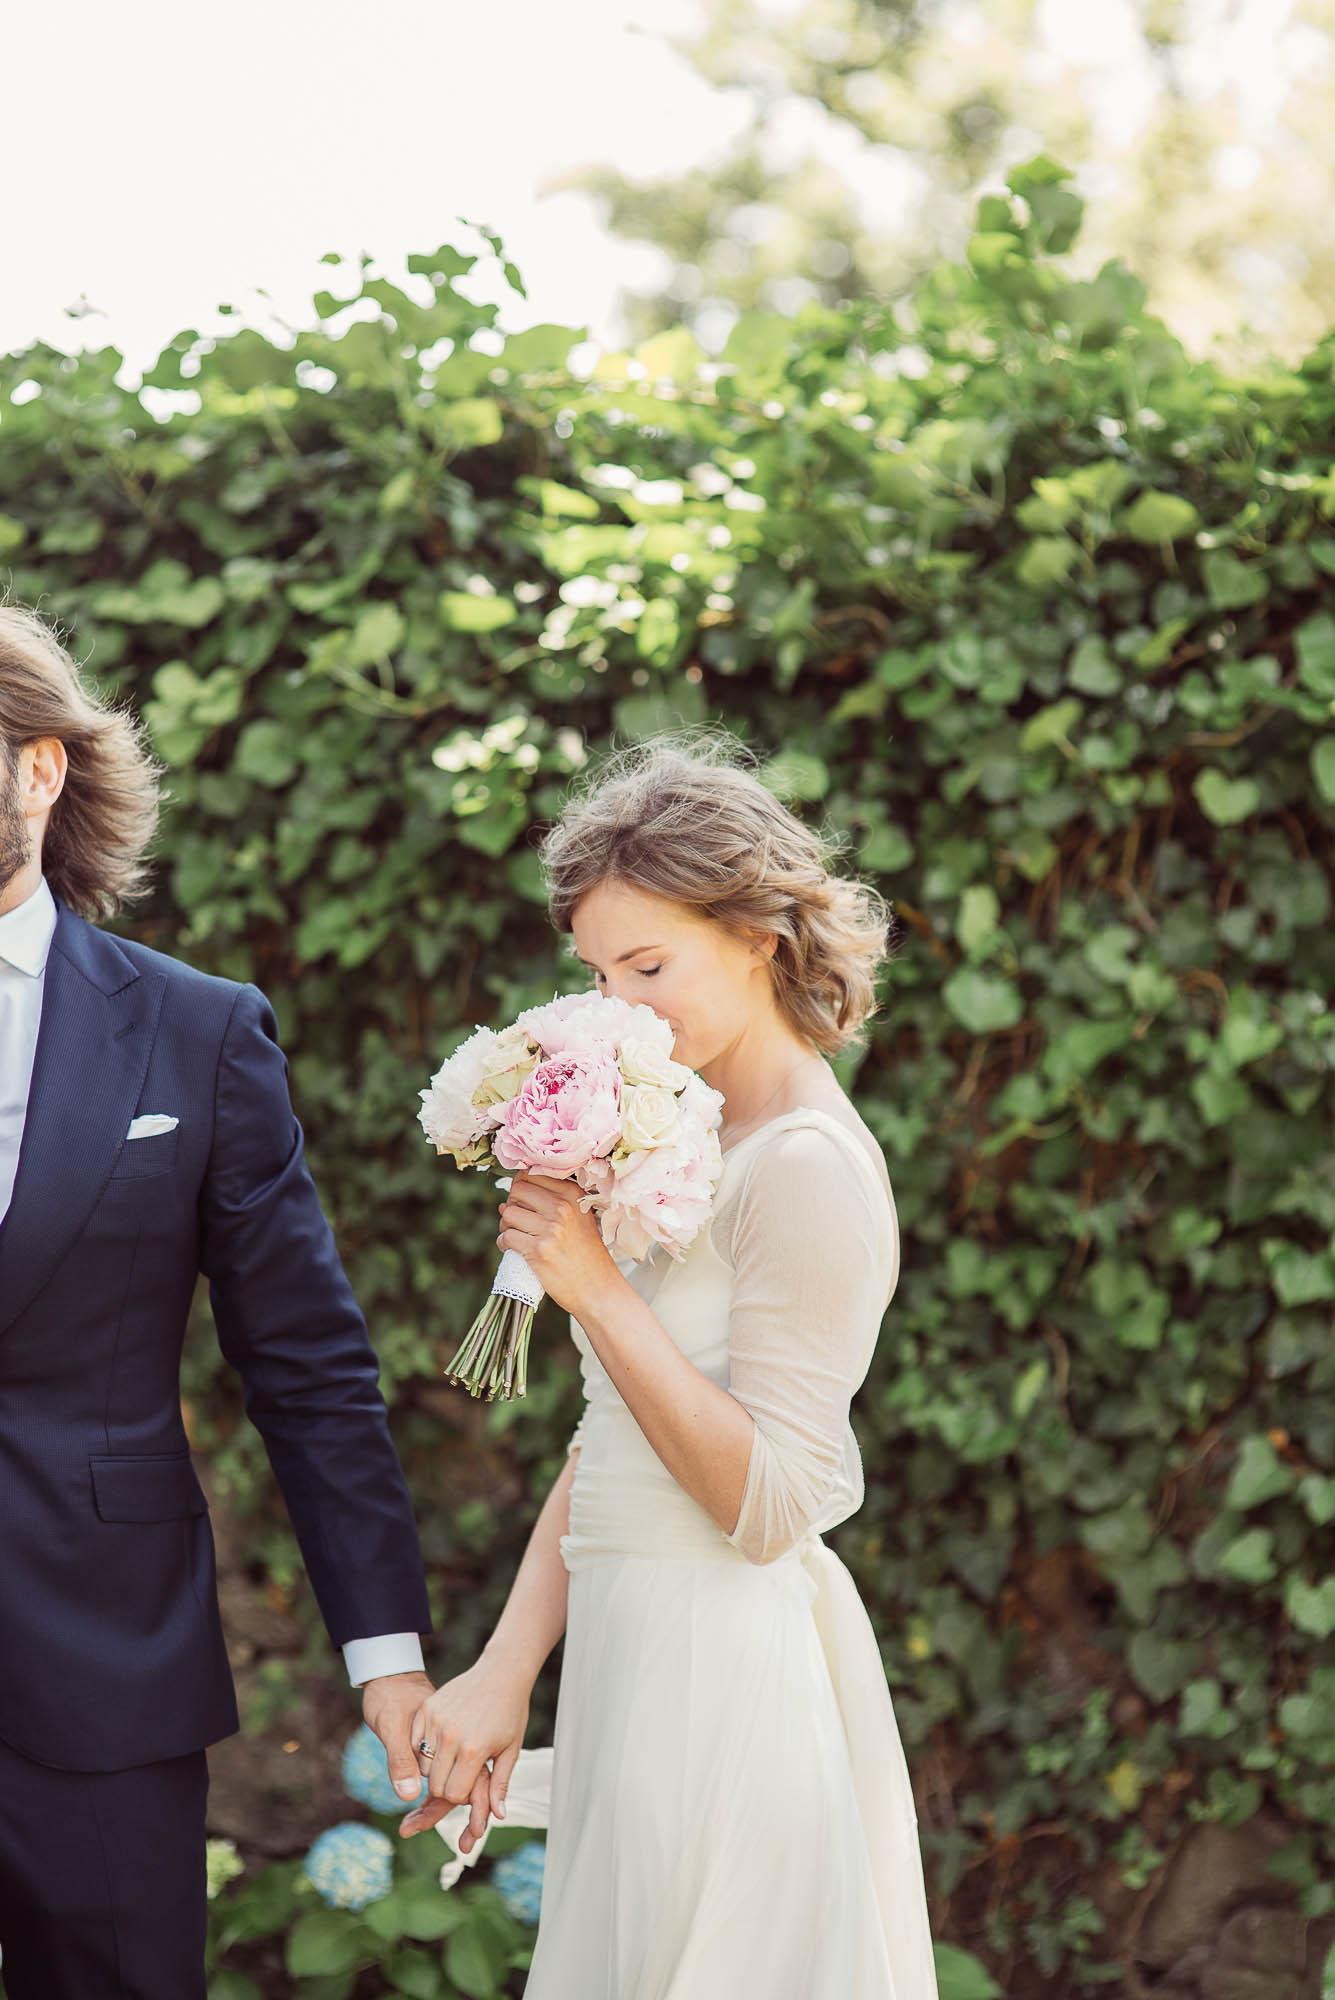 La novia huele el ramo mientras le da la mano a su marido